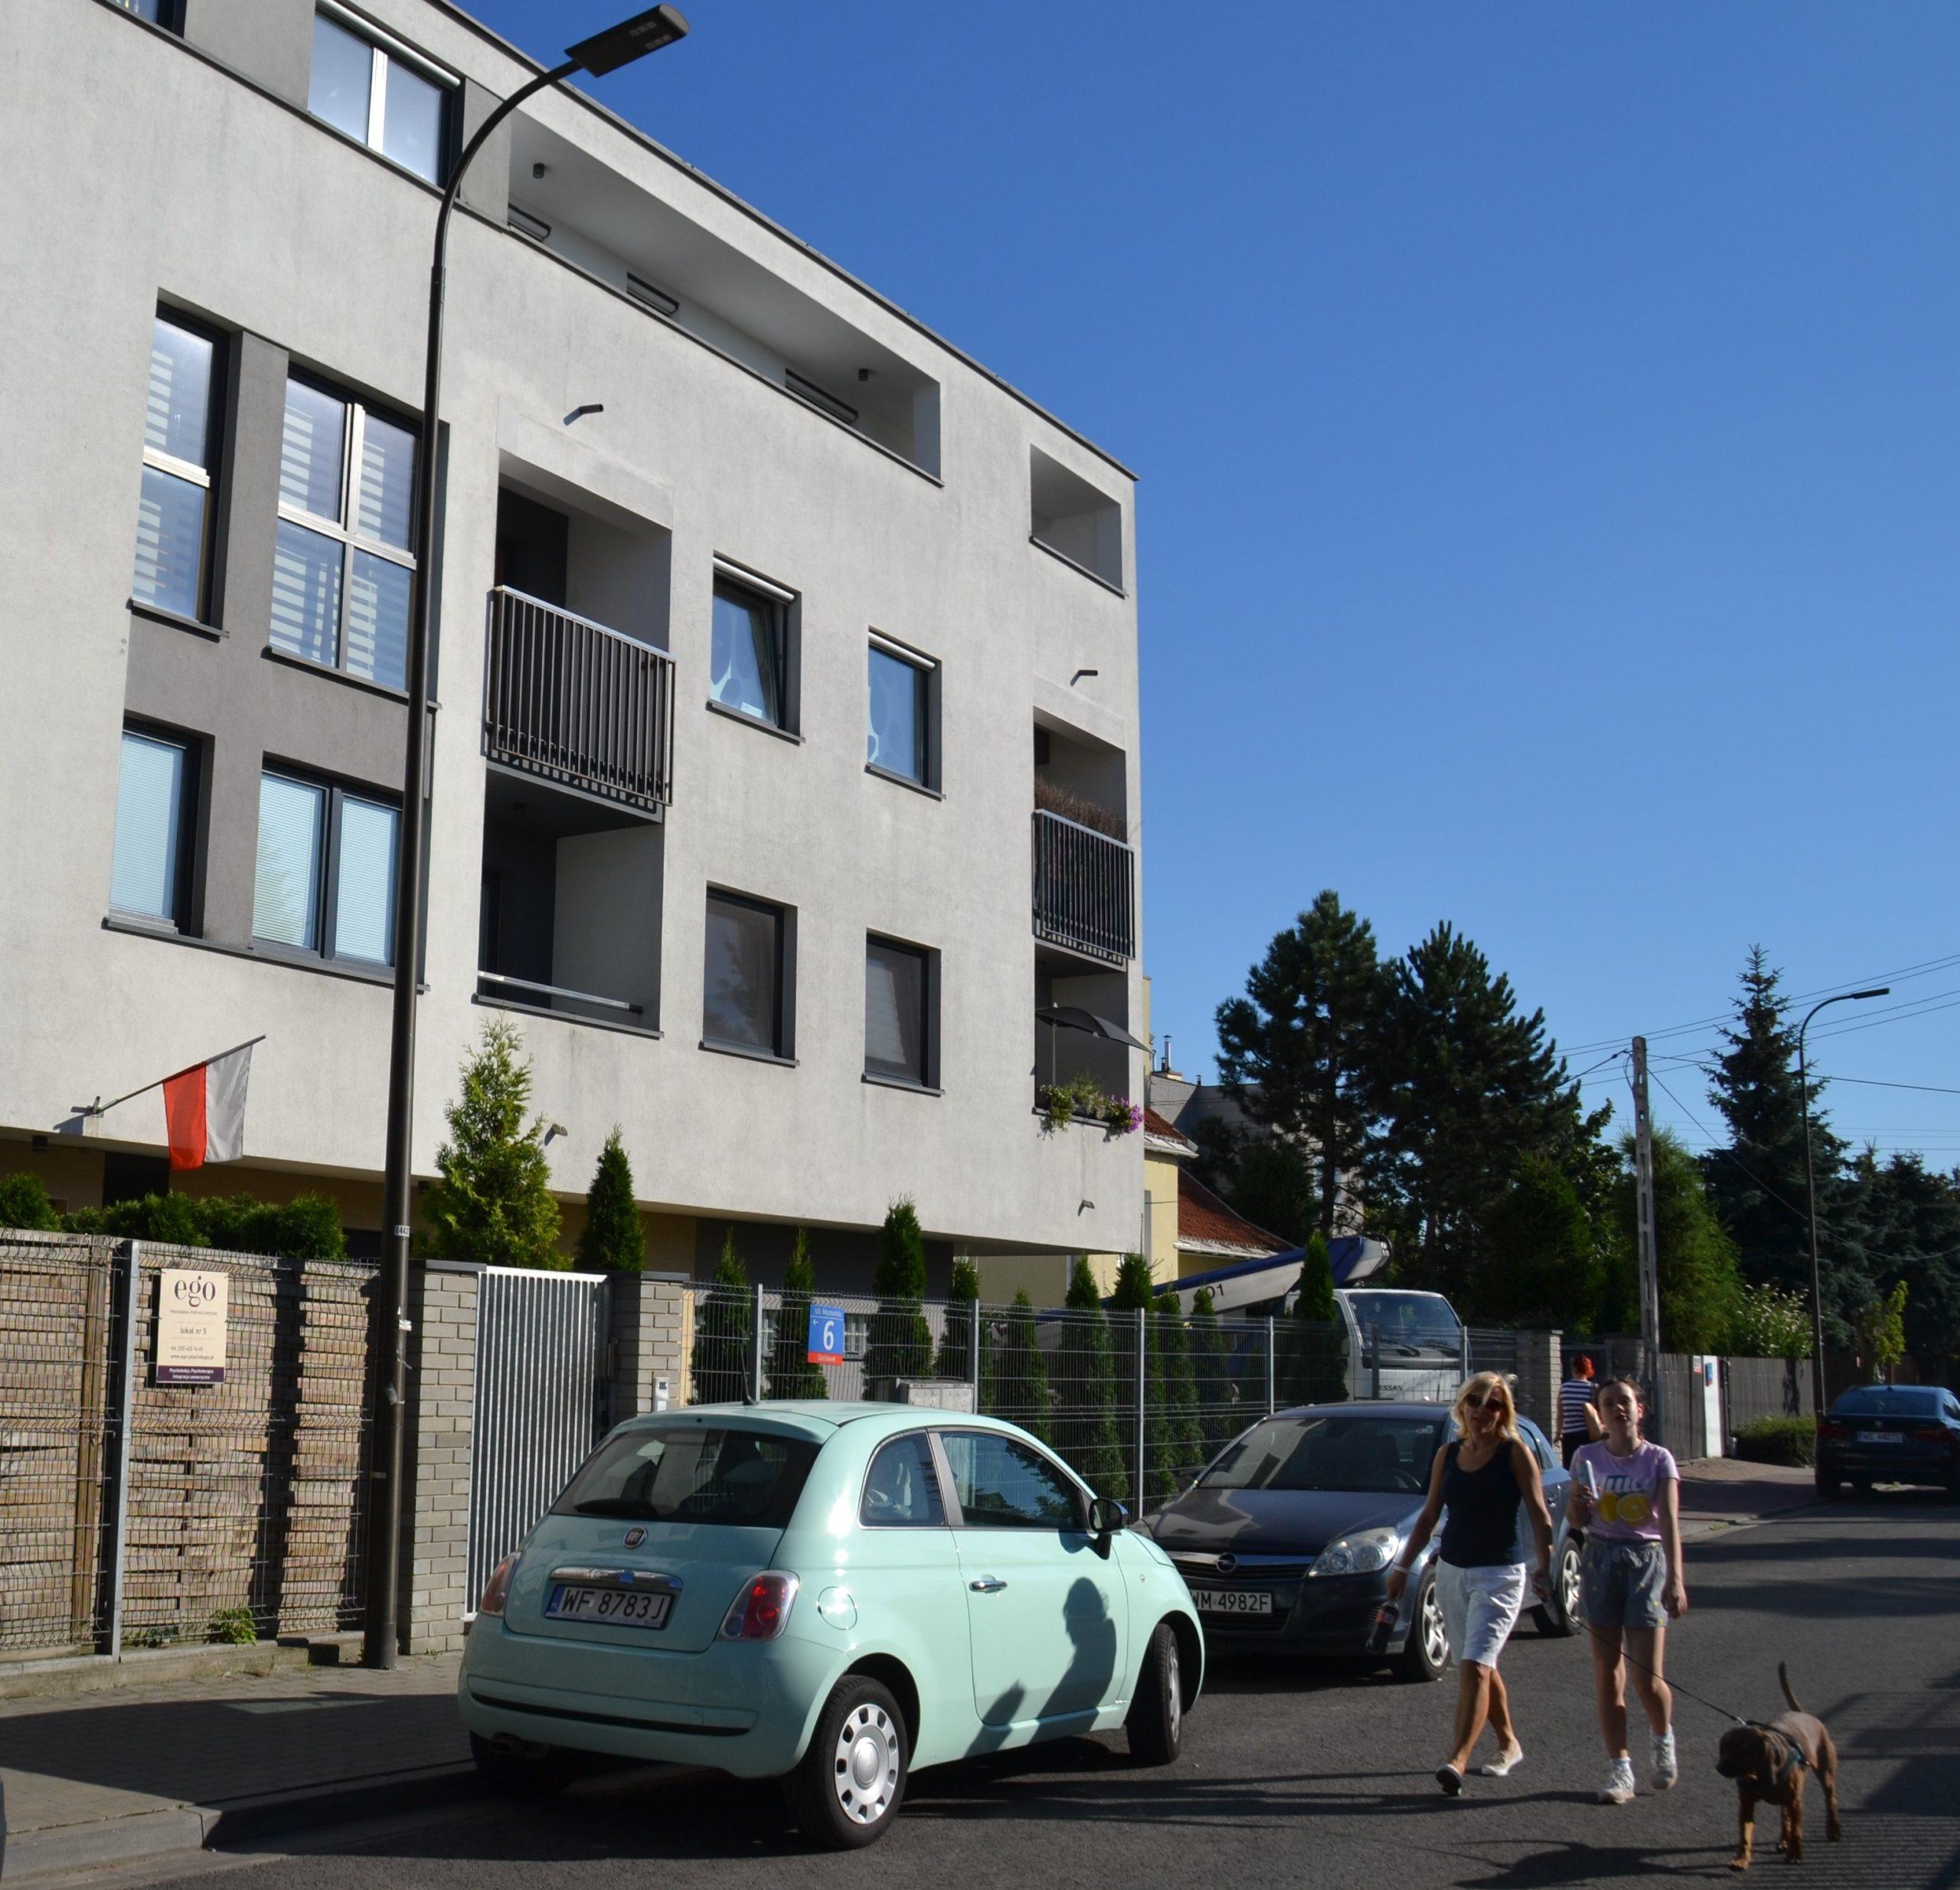 Zdjęcie lokalizacji pracowni psychologicznej Ego na ulicy Murmańskiej